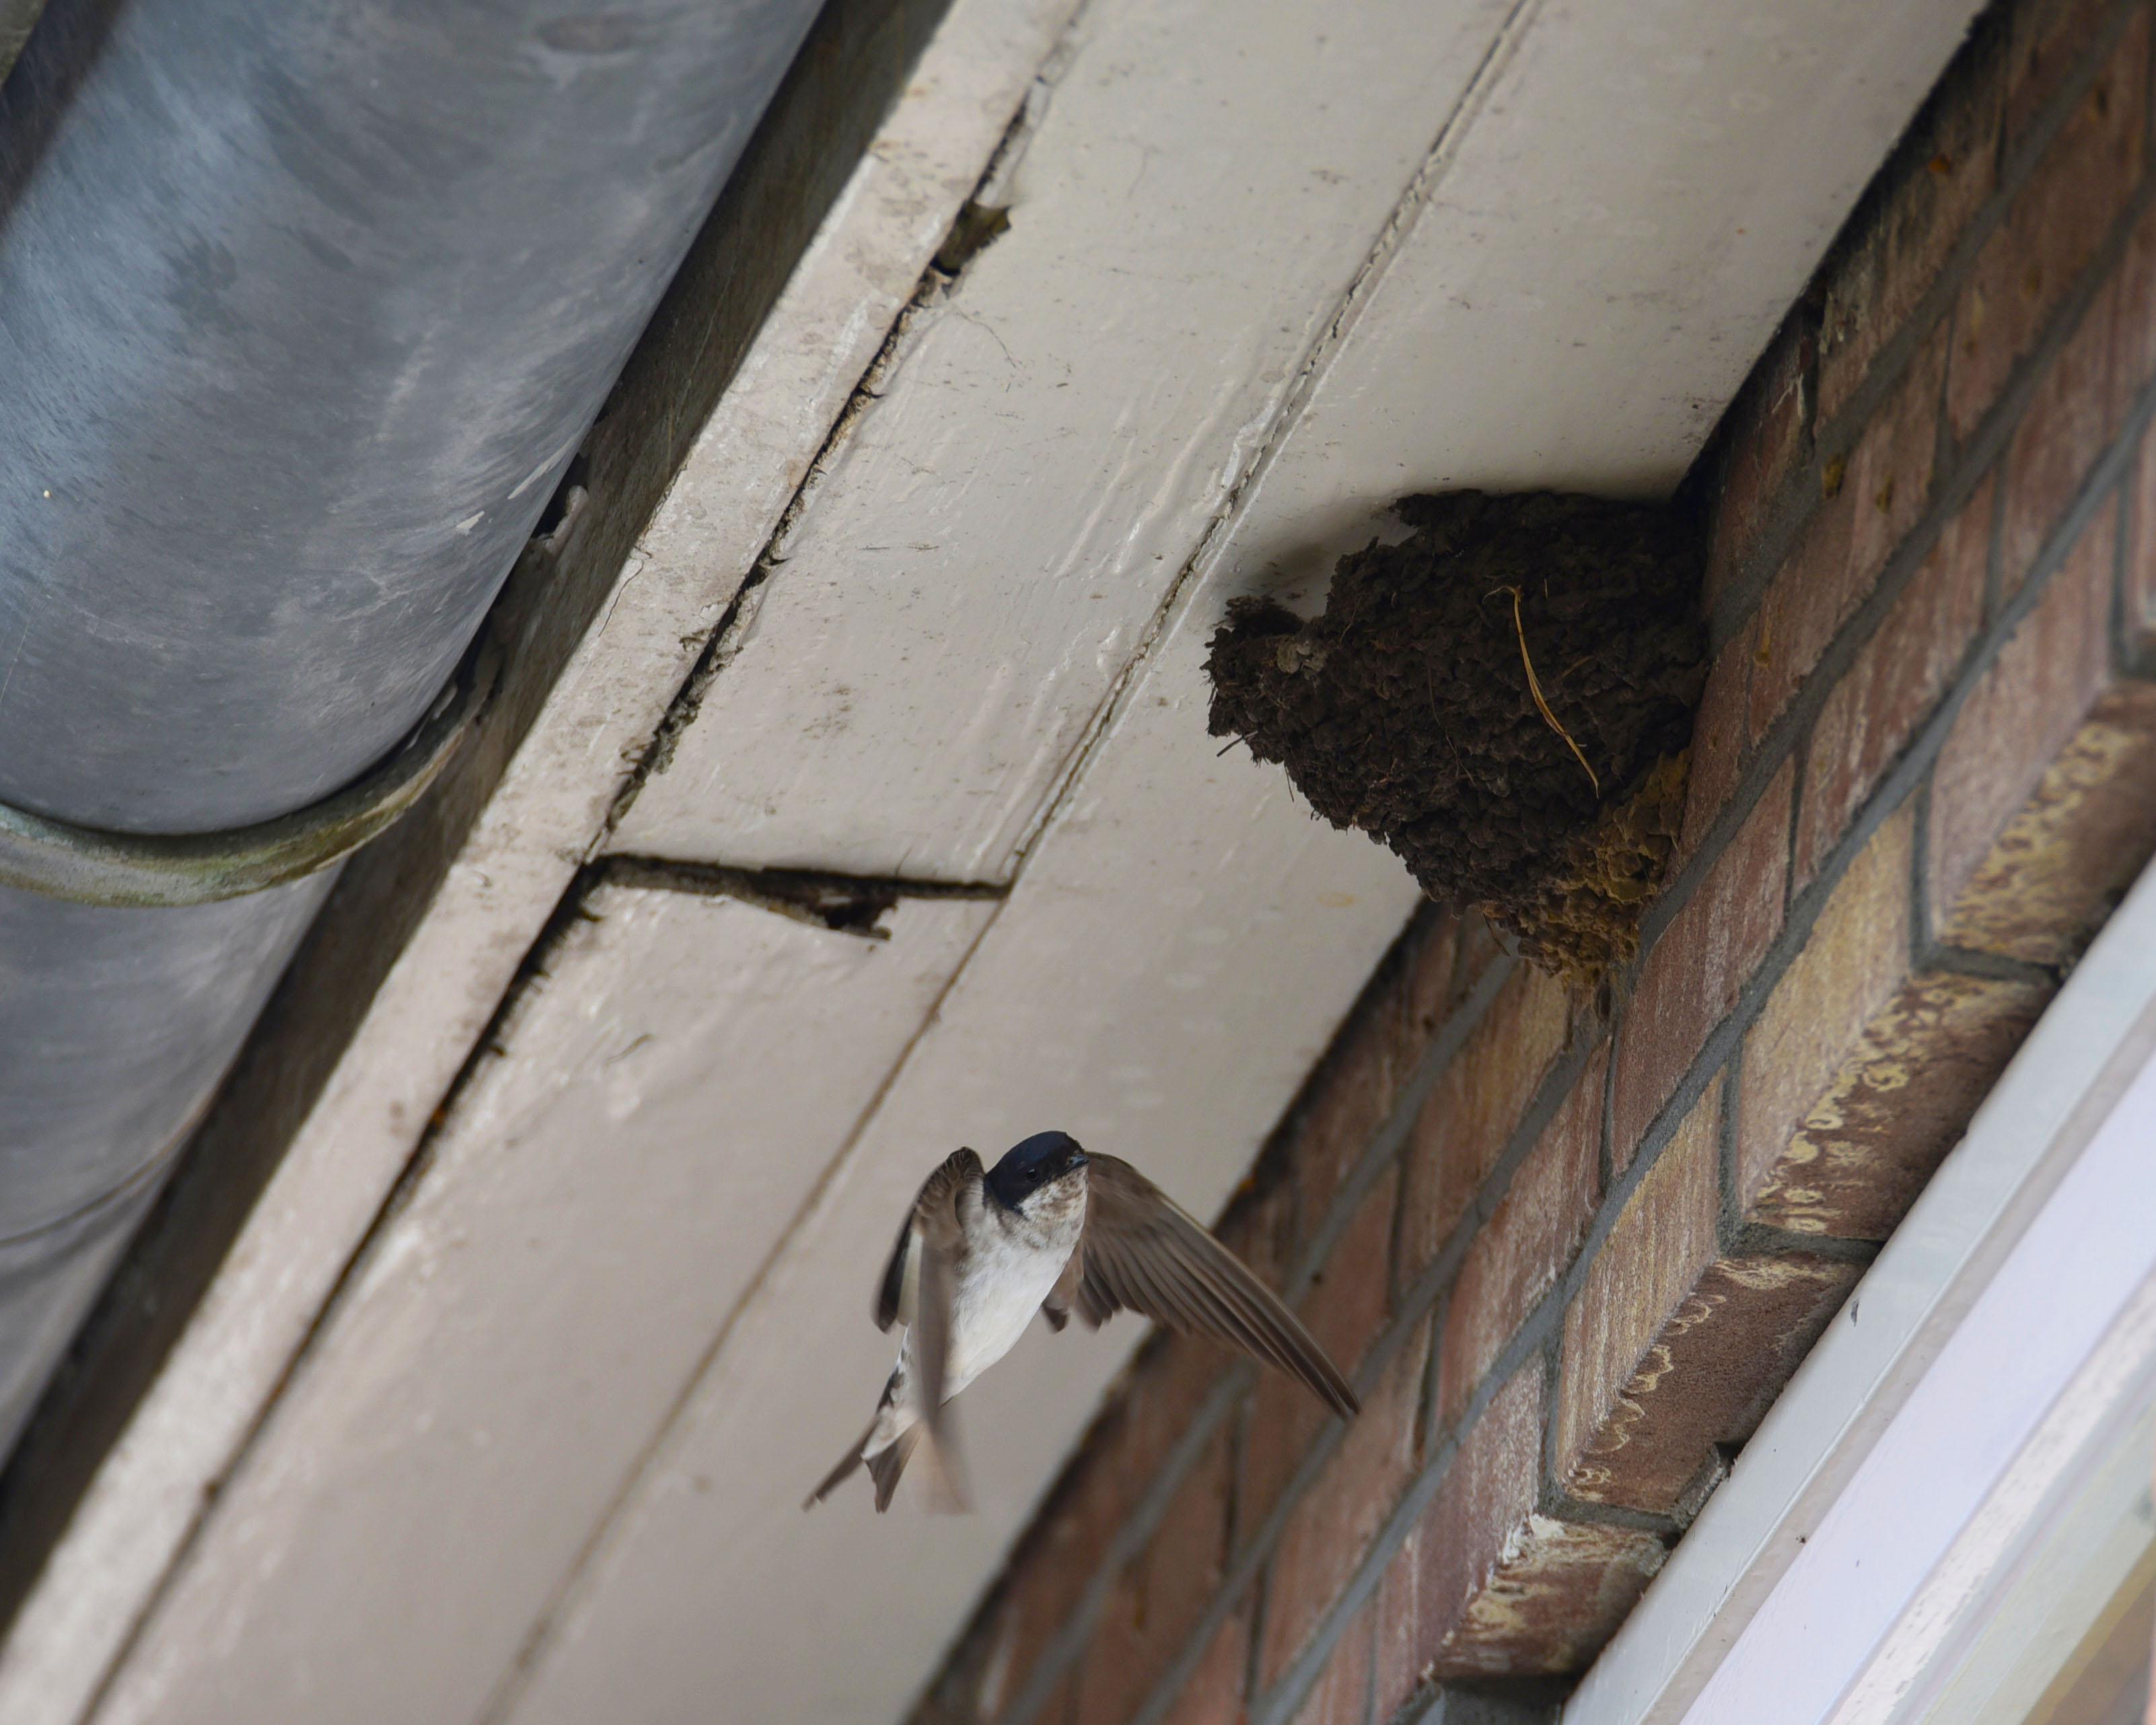 huiszwaluwnest aan huisgevel